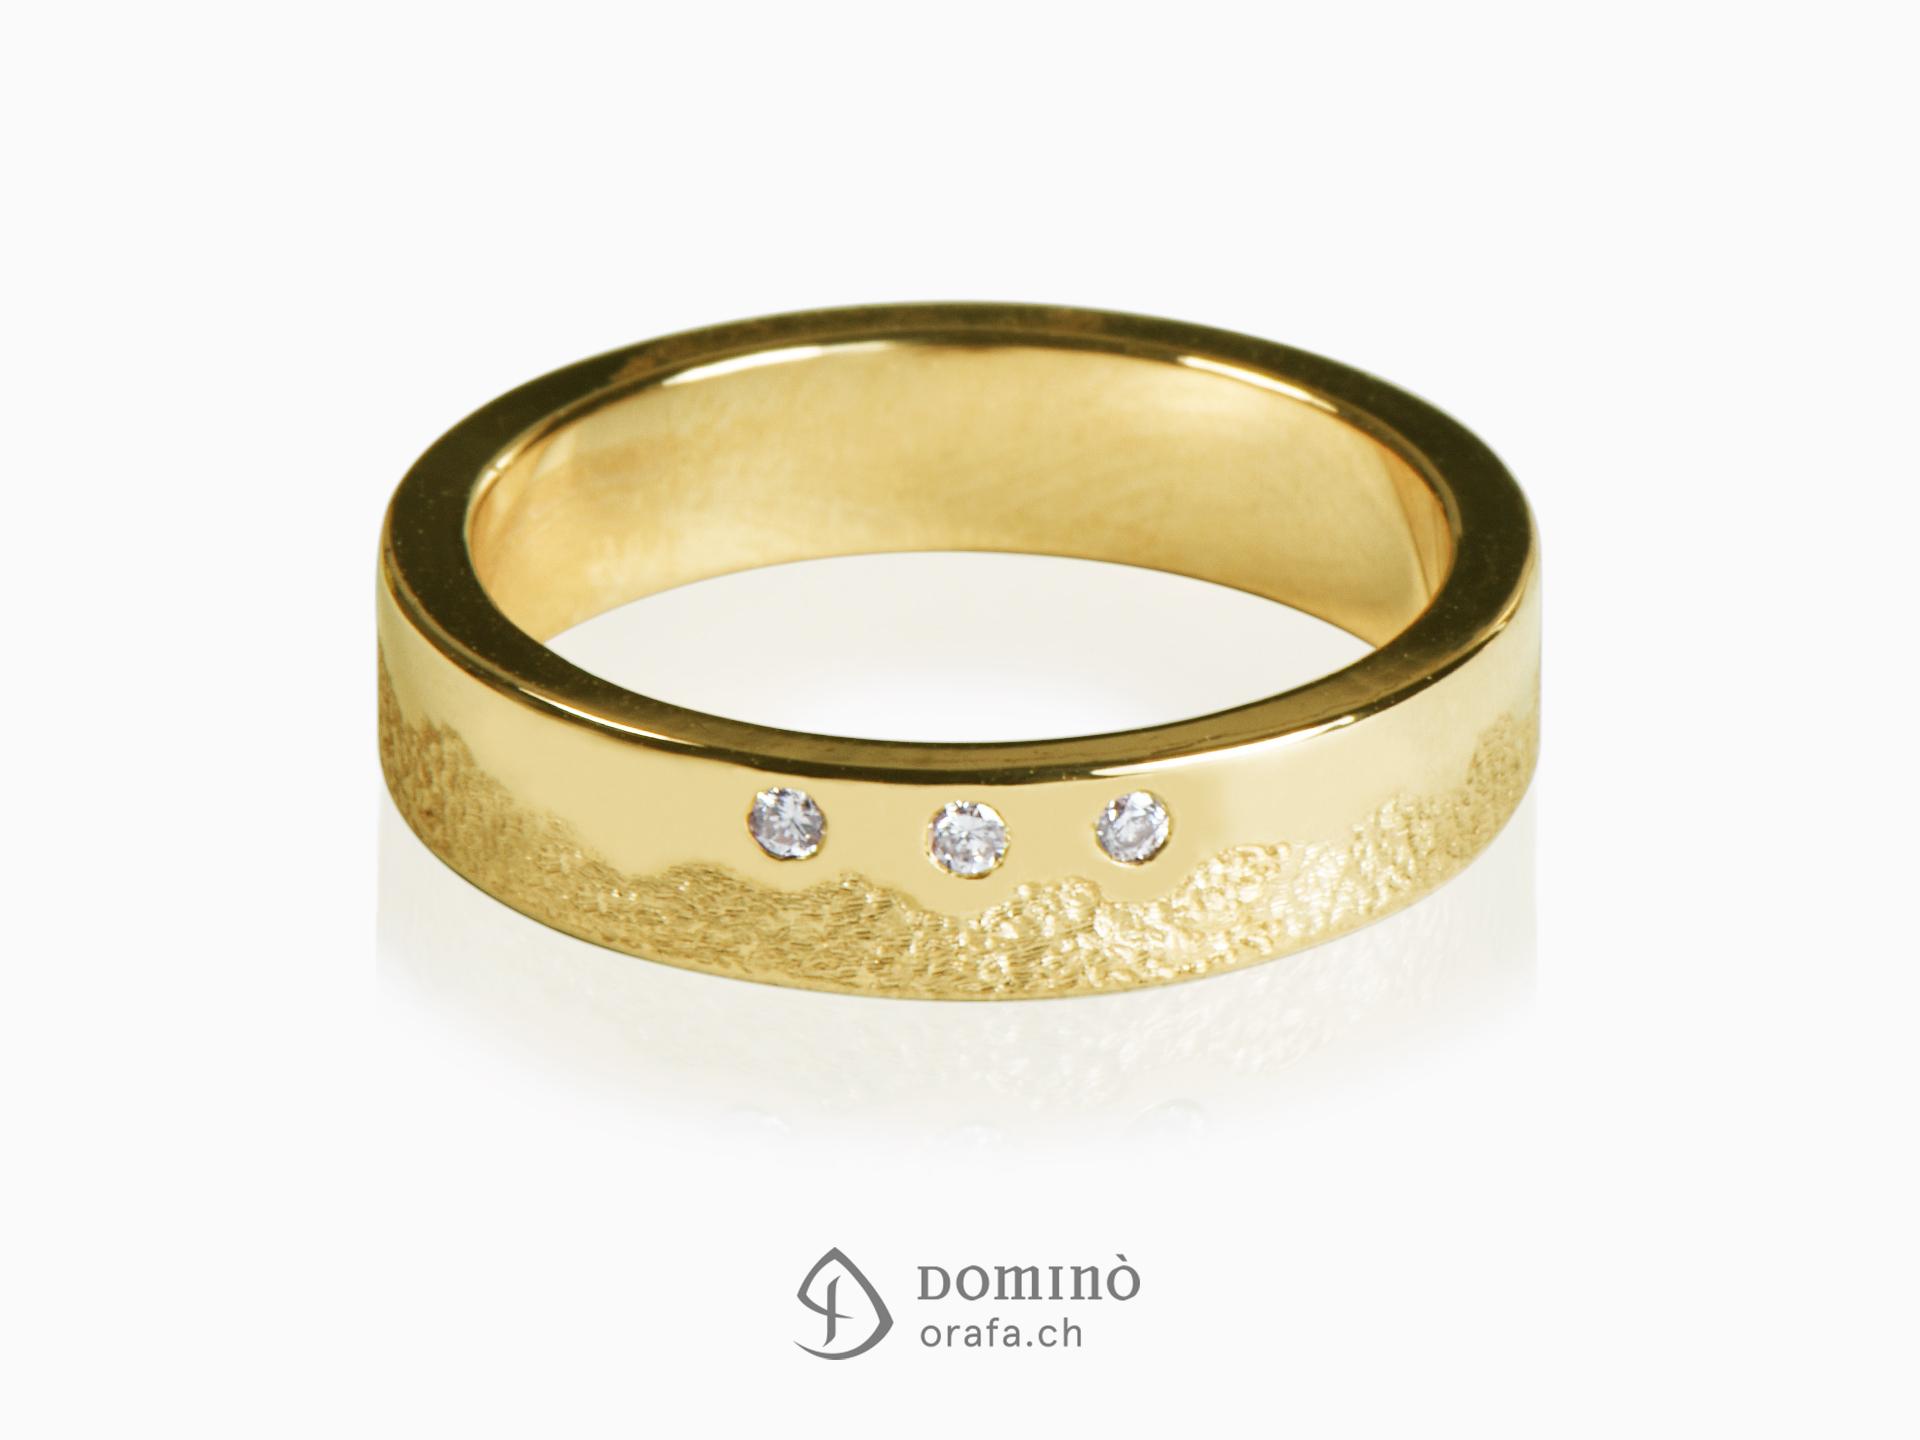 anello-sabbiato-lucido-irregolare-3-diamanti-oro-giallo